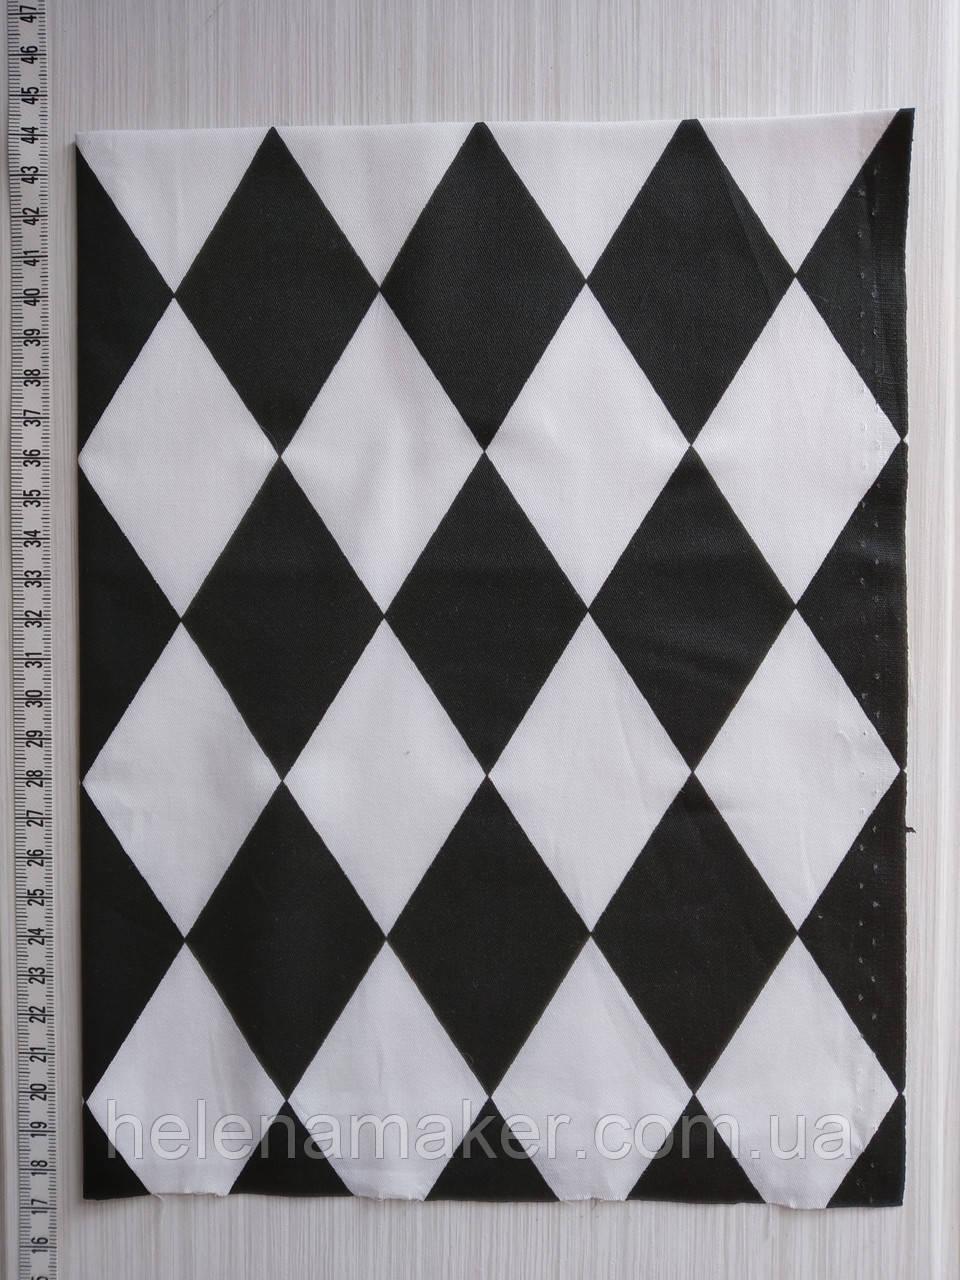 Отрез для рукоделия Черные и белые ромбы  - 40*50 см